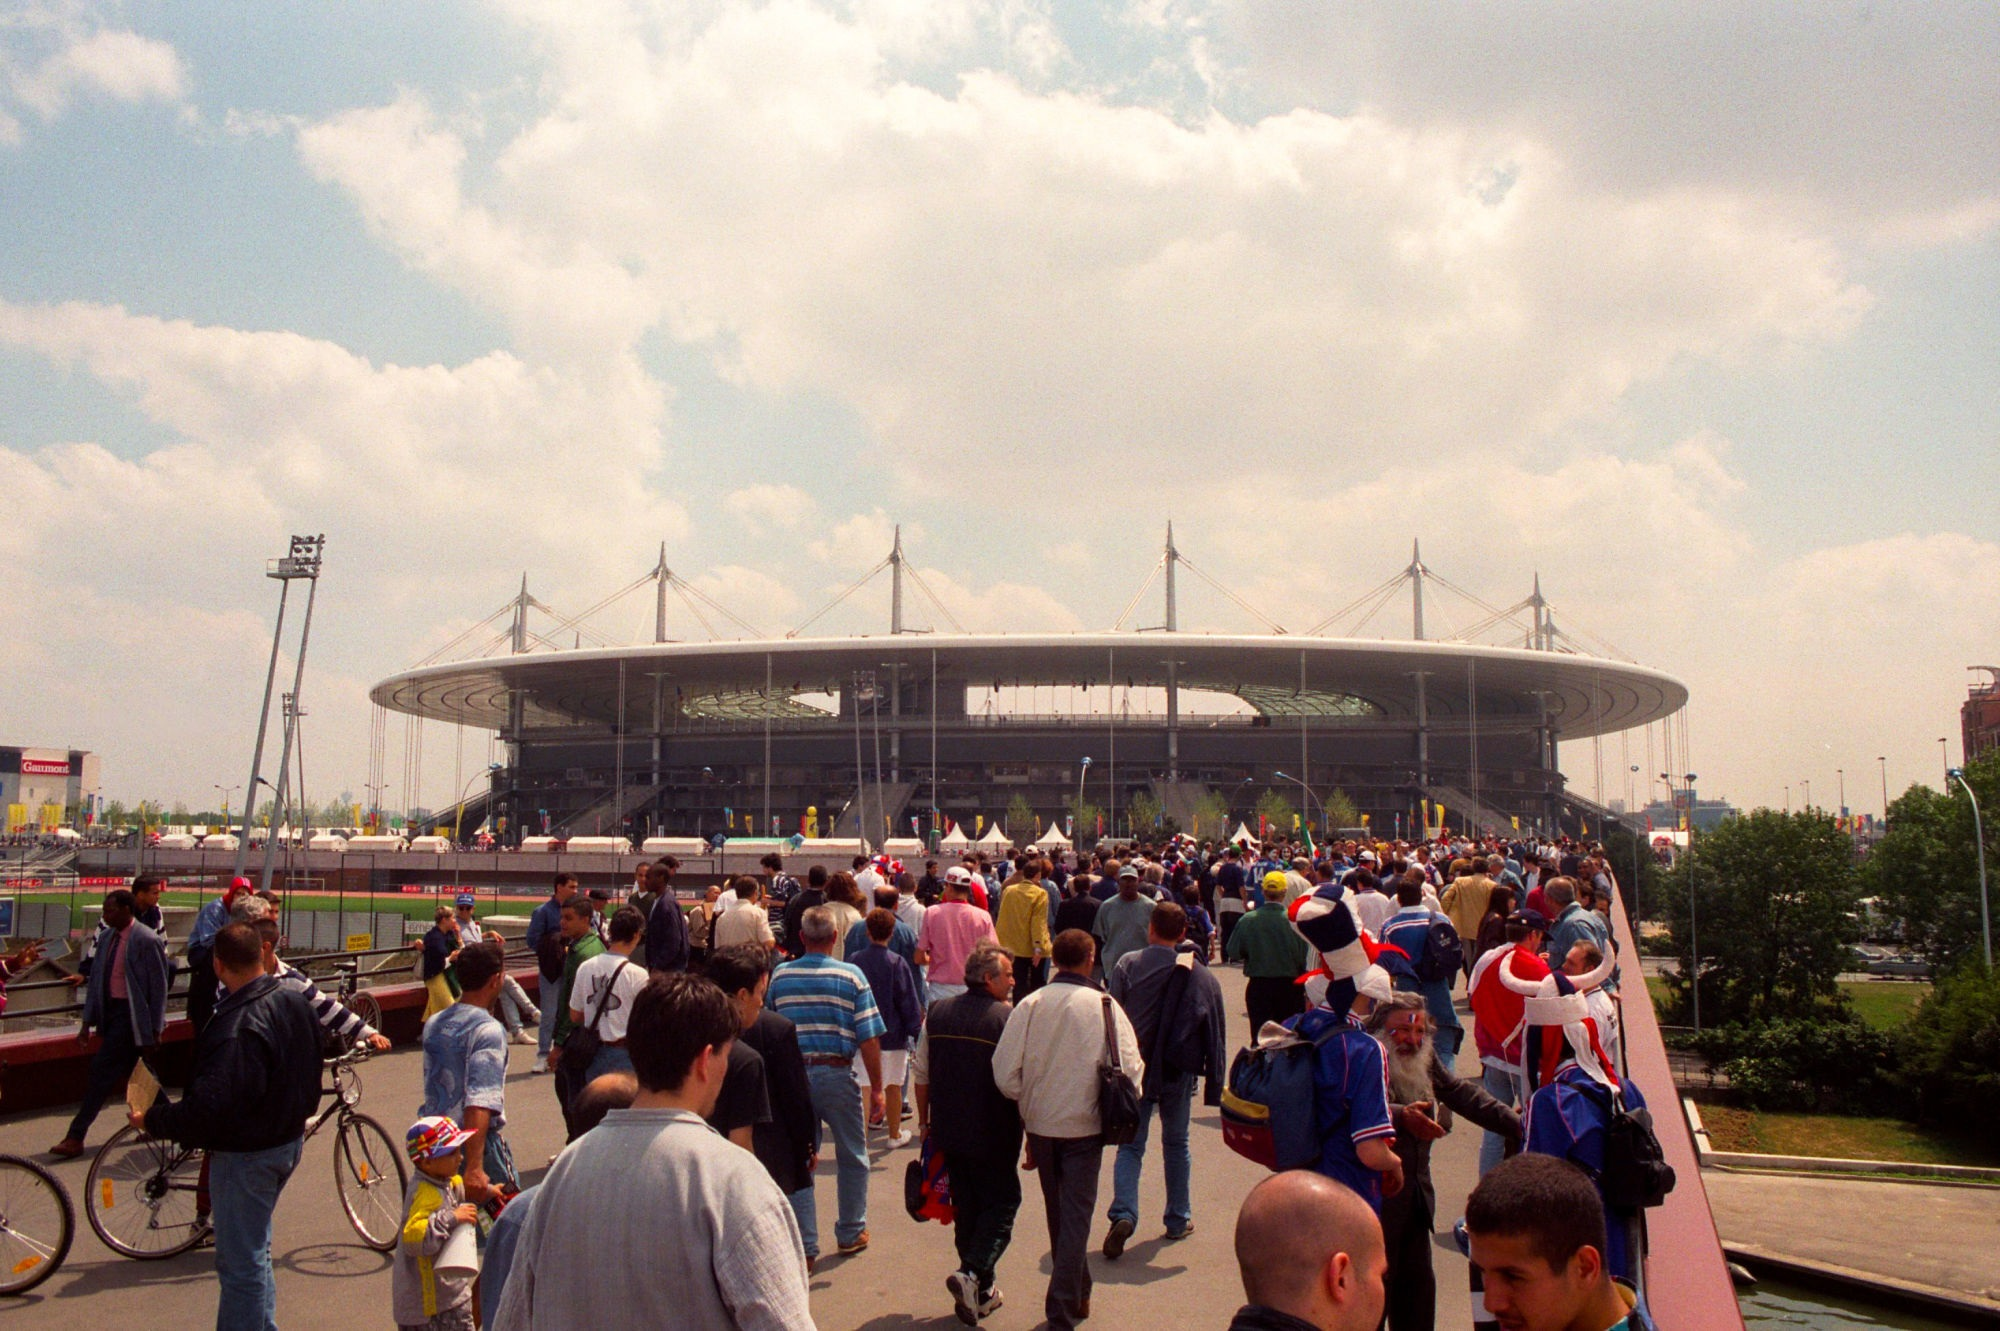 Il resterait l'espoir d'avoir plus de 5 000 personnes au Stade de France pour finales des coupes